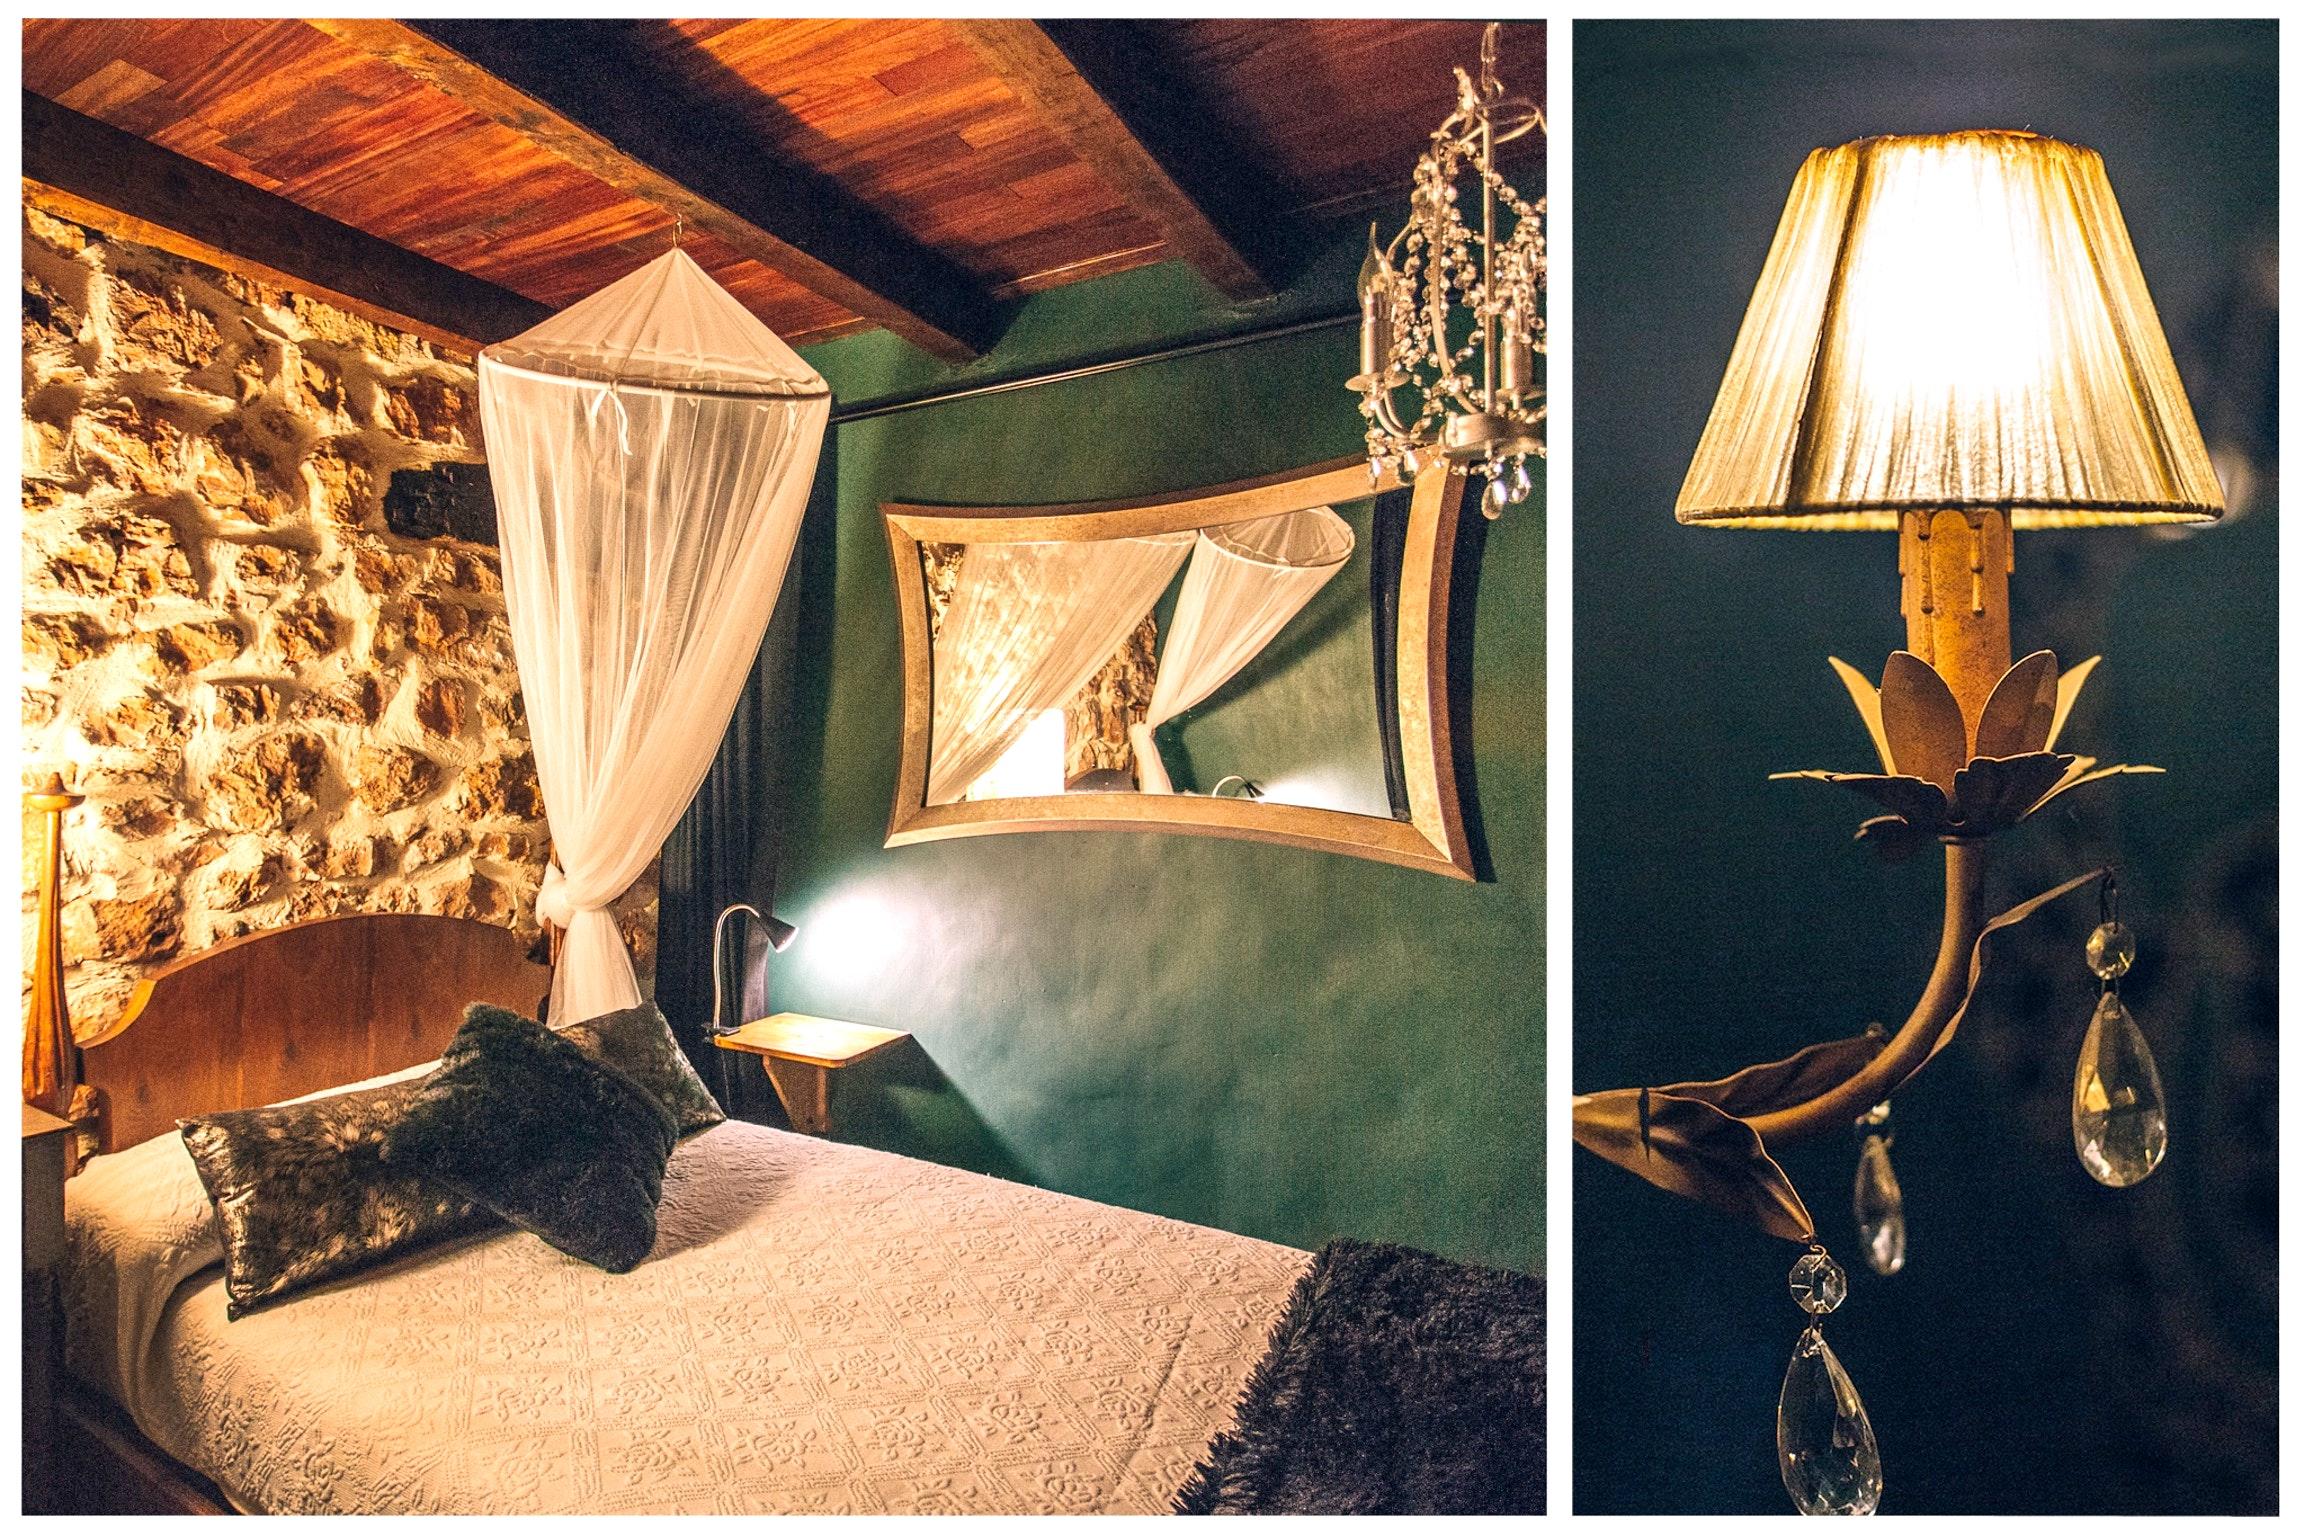 Ferienhaus Haus mit 5 Zimmern in Fuenteodra mit toller Aussicht auf die Berge, eingezäuntem Garten un (2211142), Fuenteodra, Burgos, Kastilien-León, Spanien, Bild 22